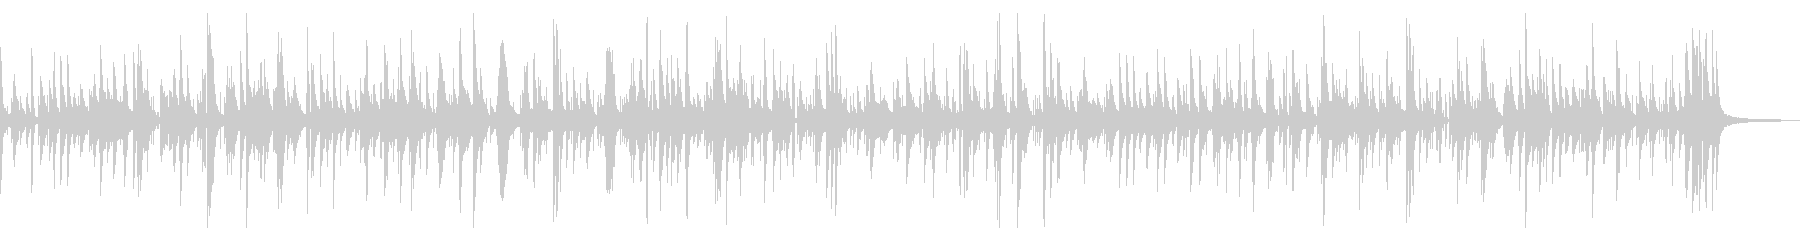 起伏の少ない穏やかなジャズピアノBGMの未再生の波形